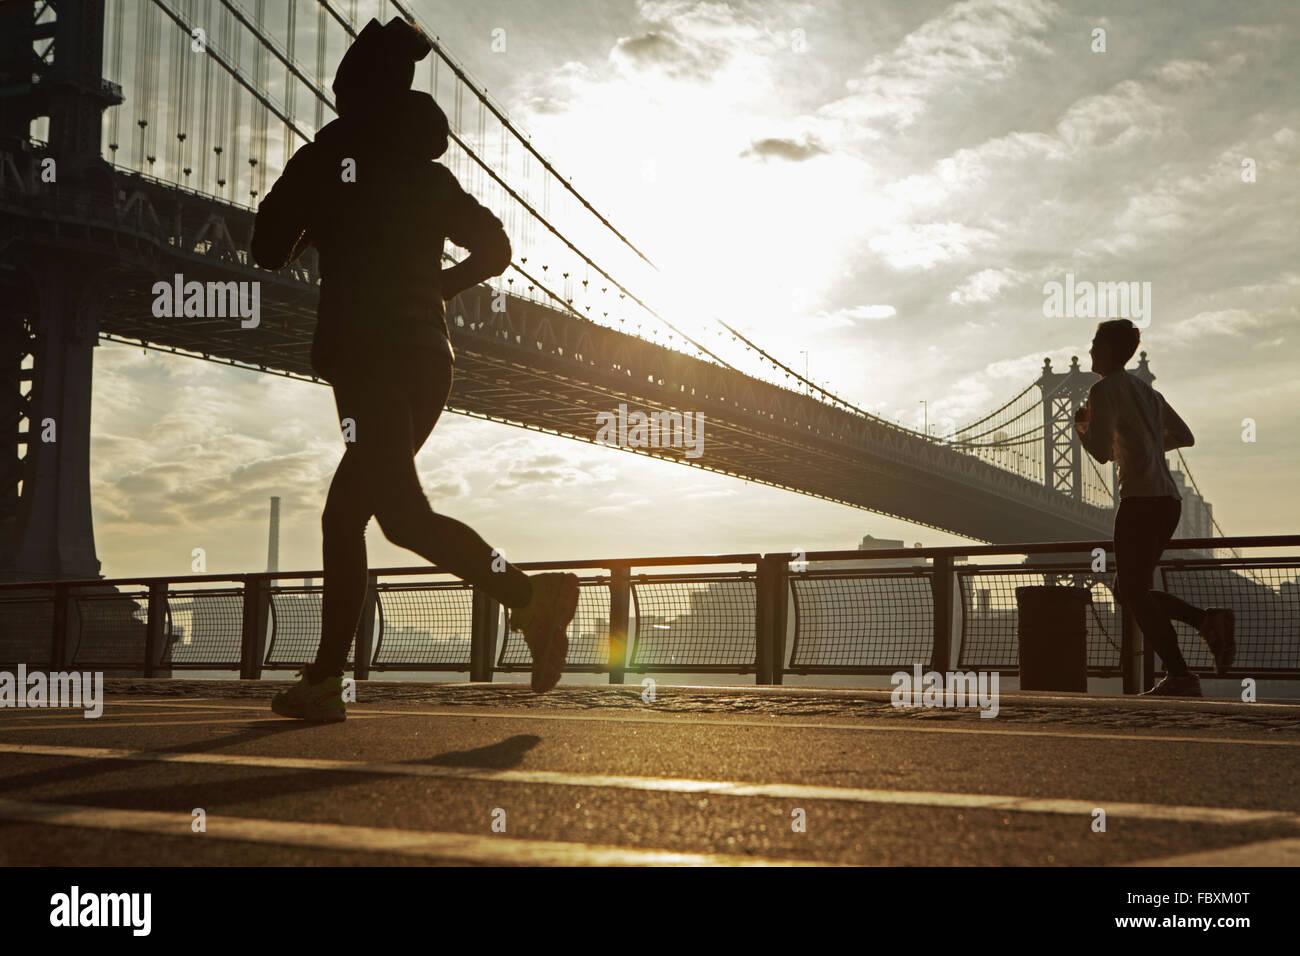 Alba sul ponte di Manhattan New York City mattina come due pareggiatori per correre verso nord est Fiume Esplanade Immagini Stock